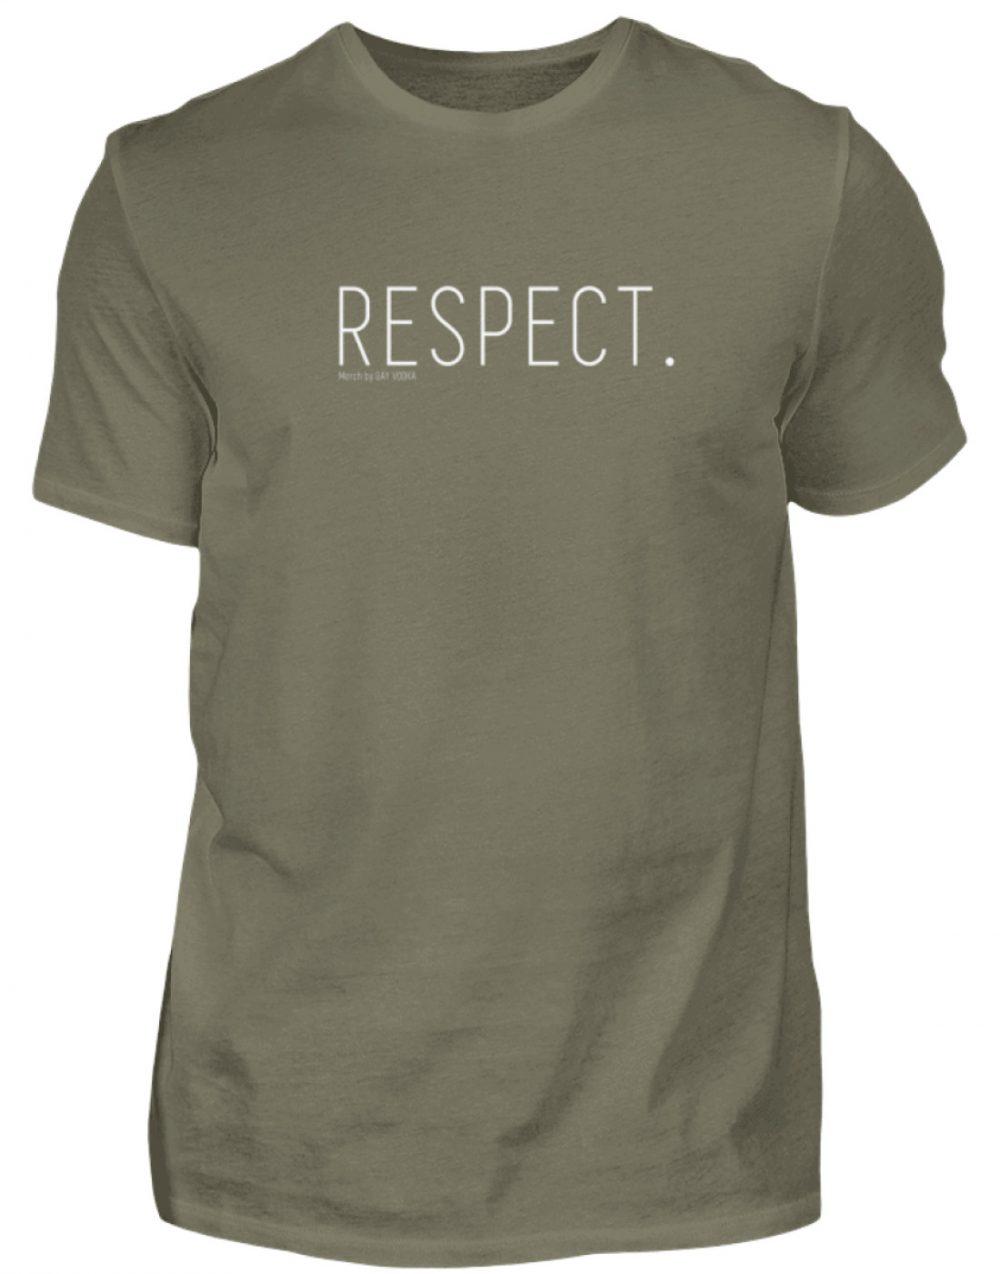 RESPECT. - Herren Premiumshirt-627